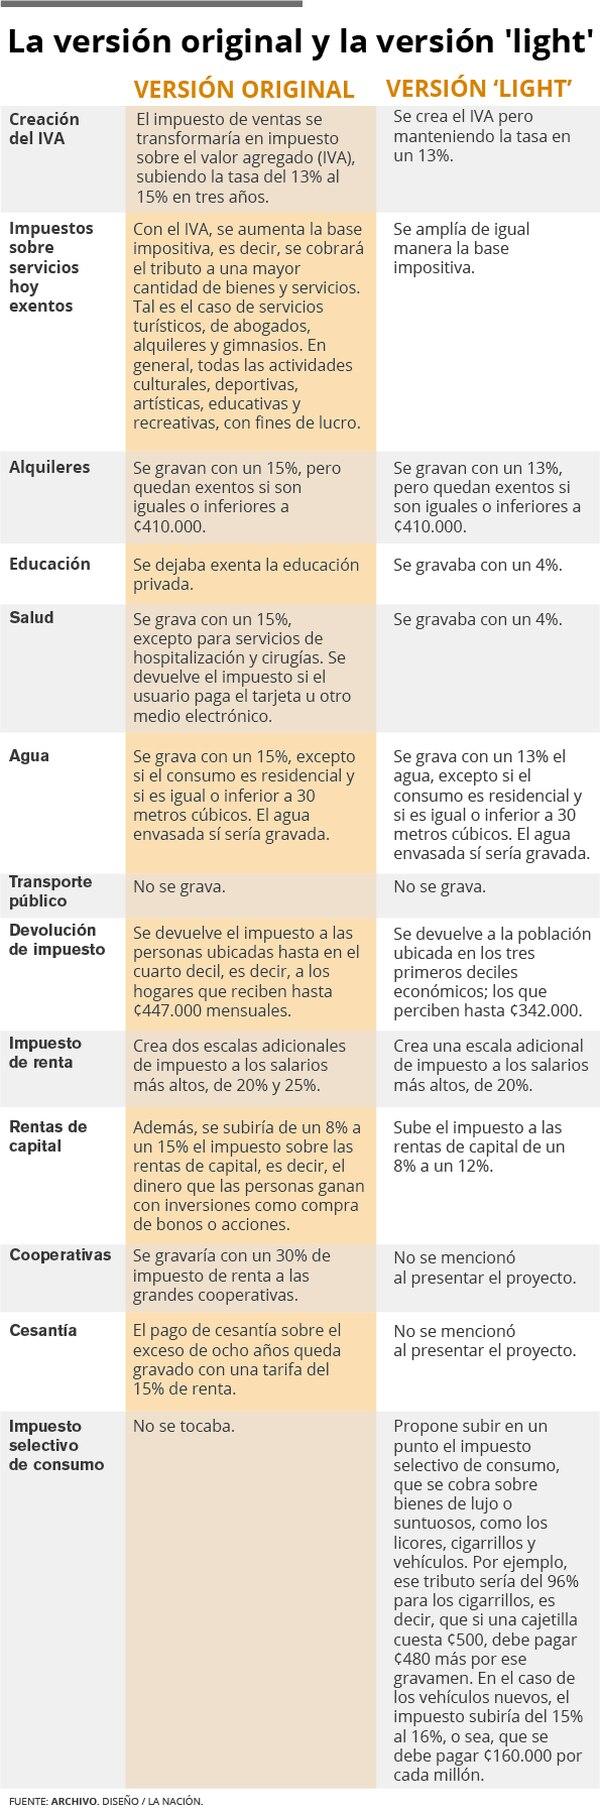 Versiones de reformas a impuestos